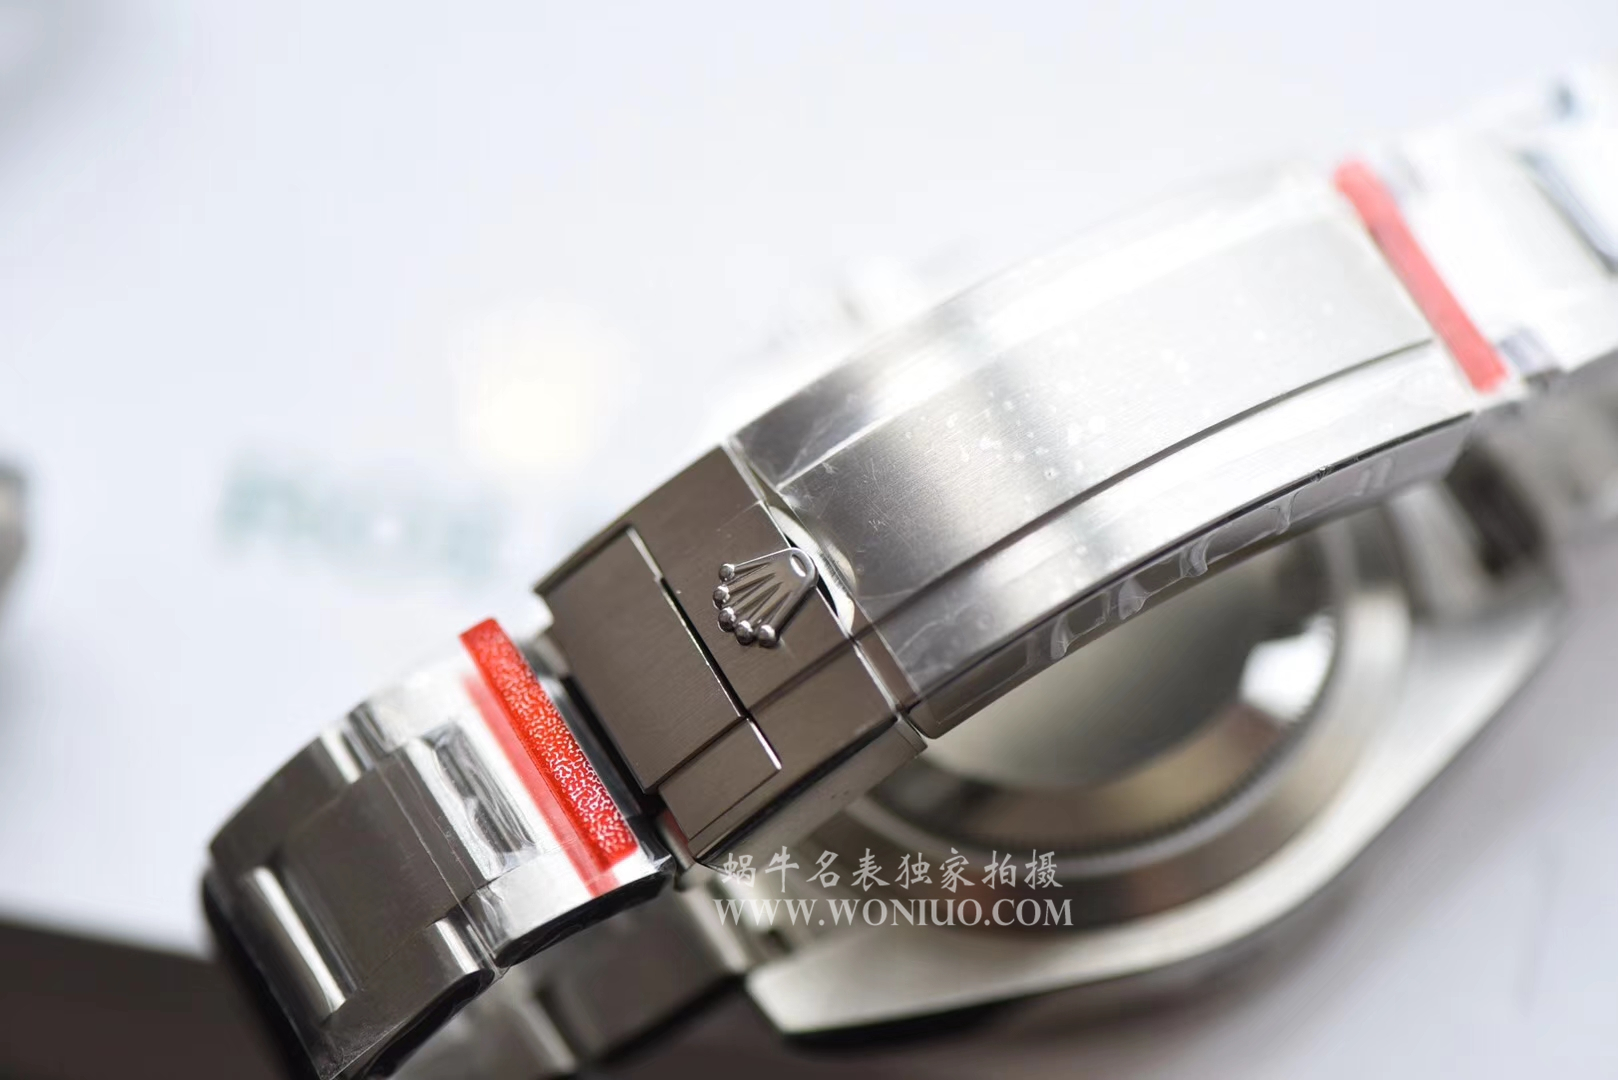 【N厂精品V7版】劳力士潜航者型系列114060-97200 黑盘腕表《无历黑水鬼》 / R031